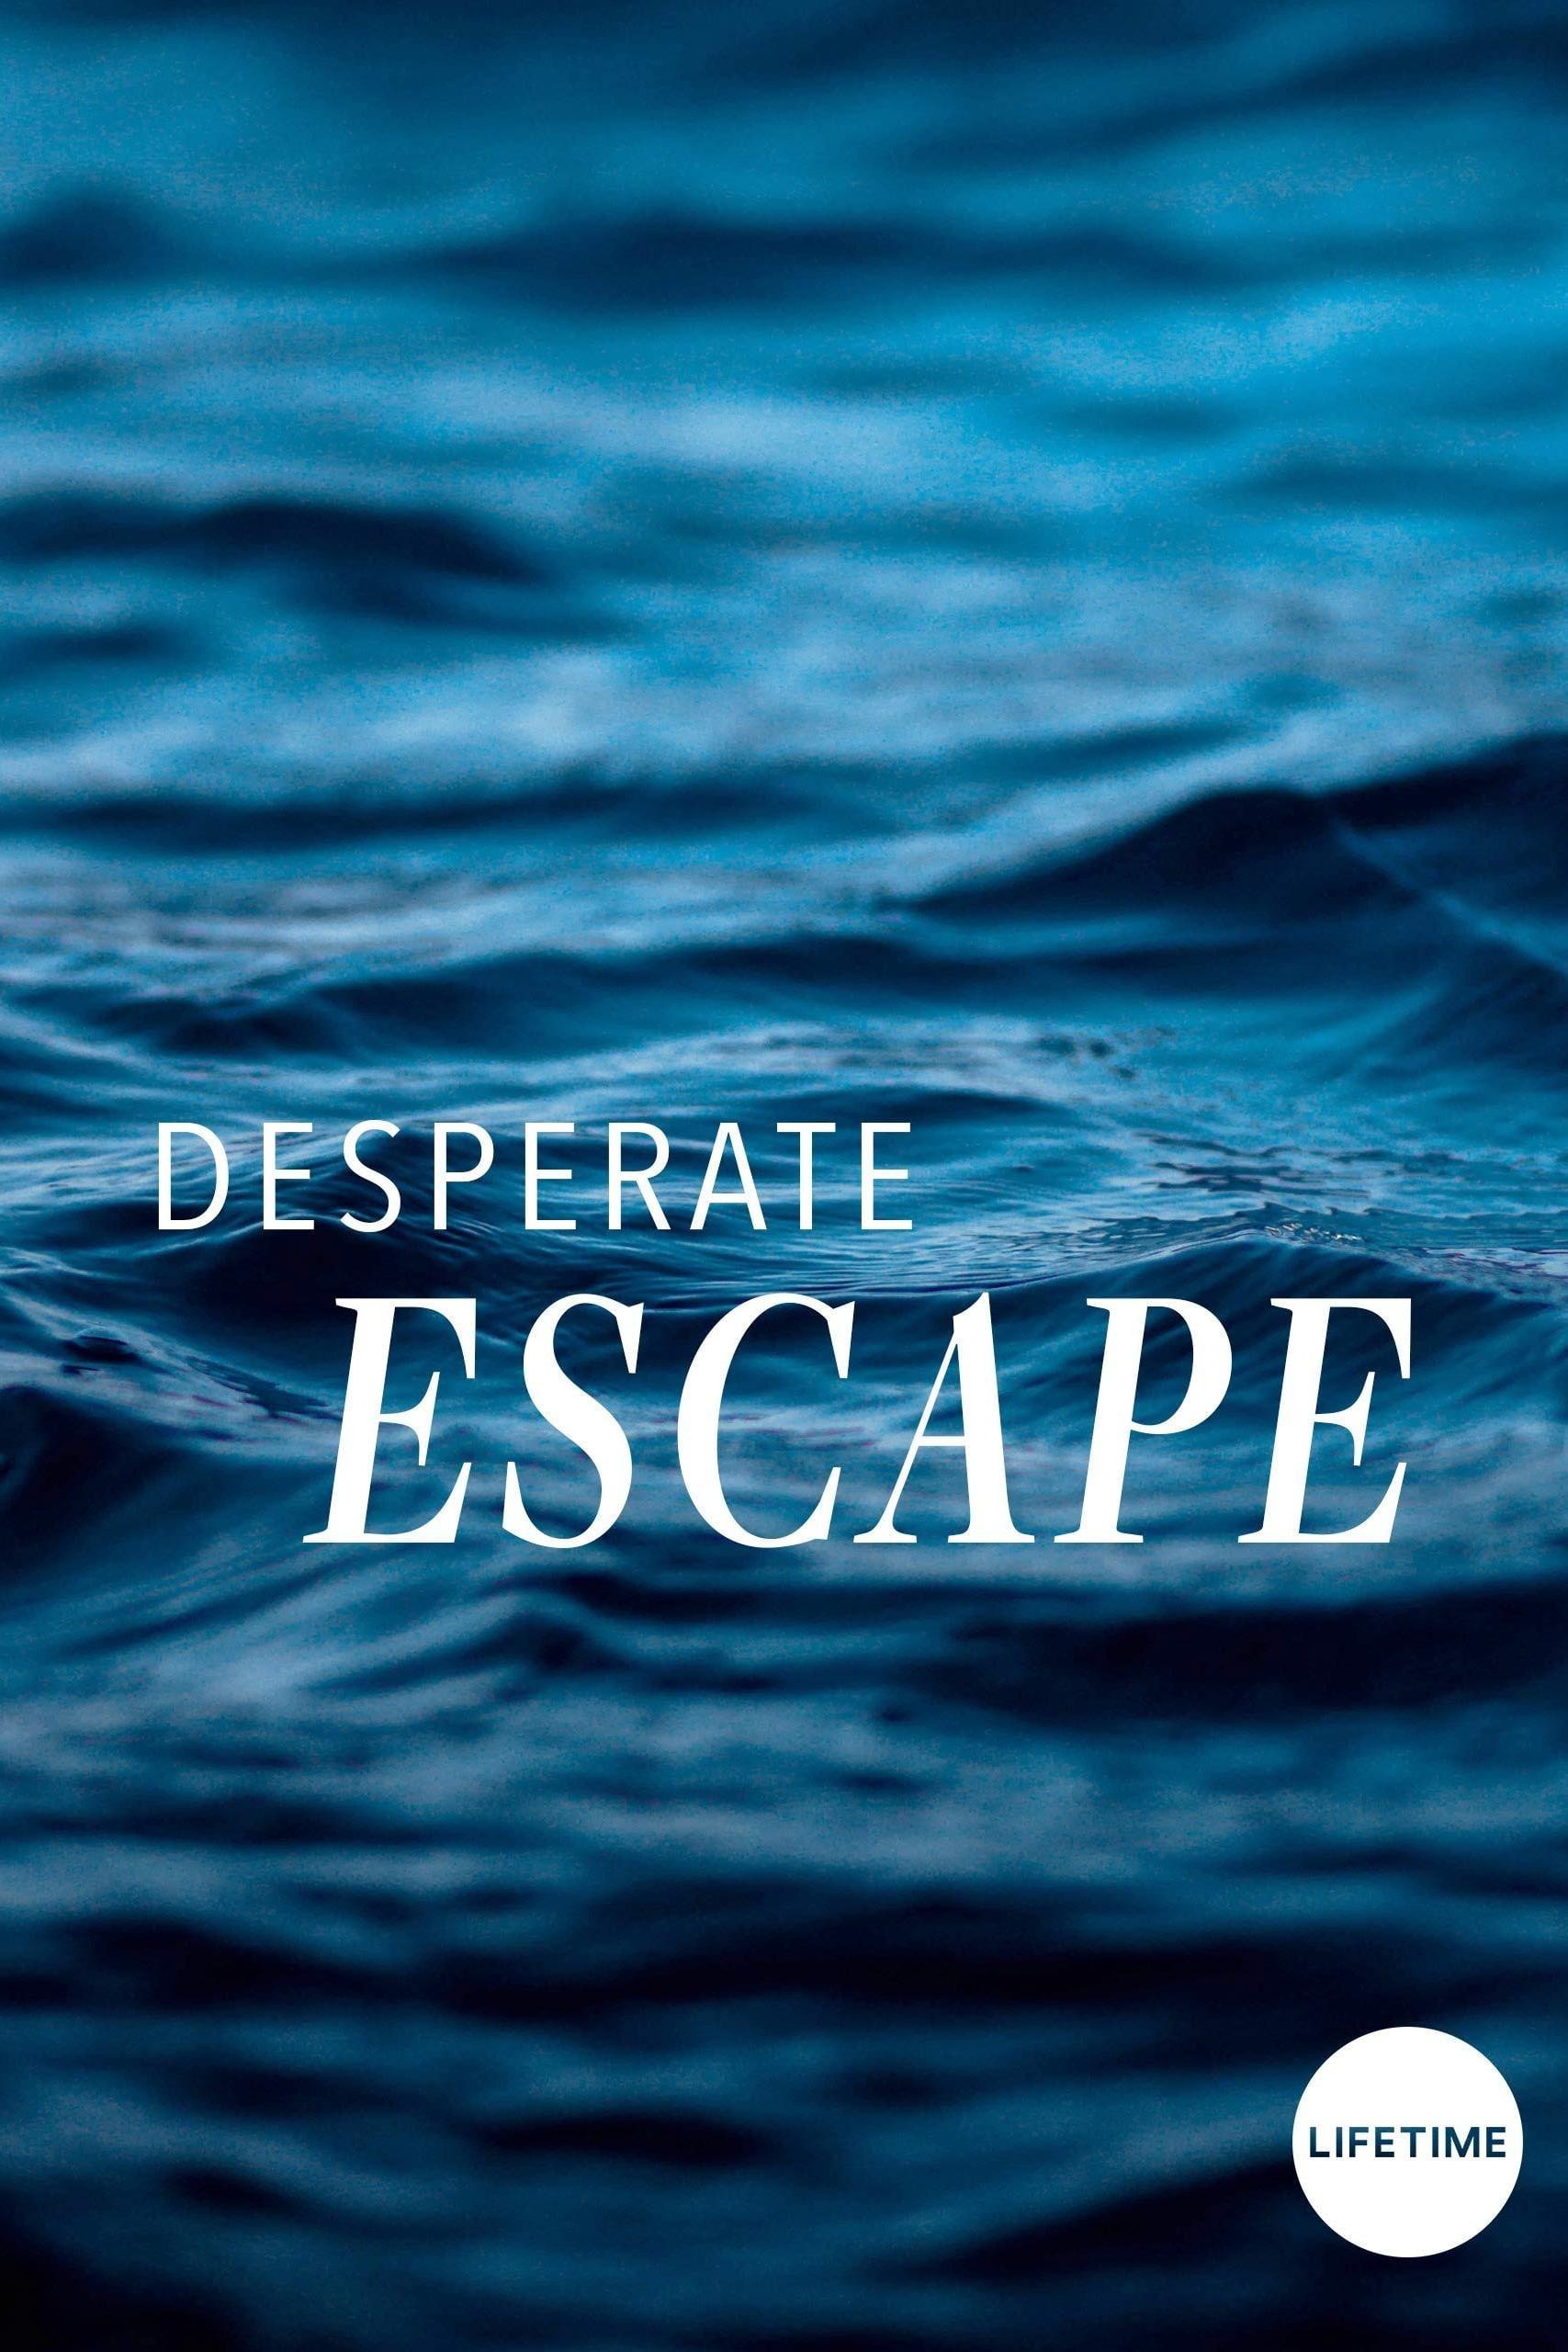 Desperate Escape (2009)